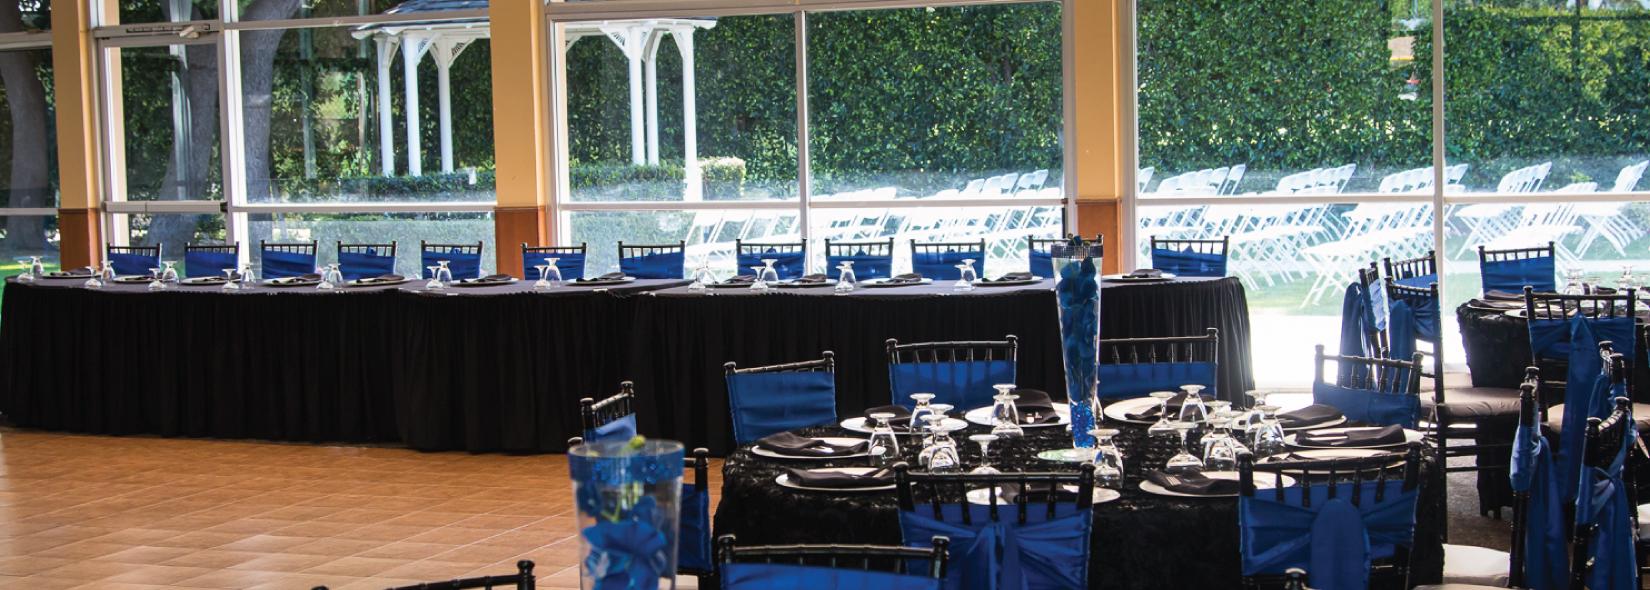 Los Angeles Outdoor Wedding Venue Chester Washington Event Spaces